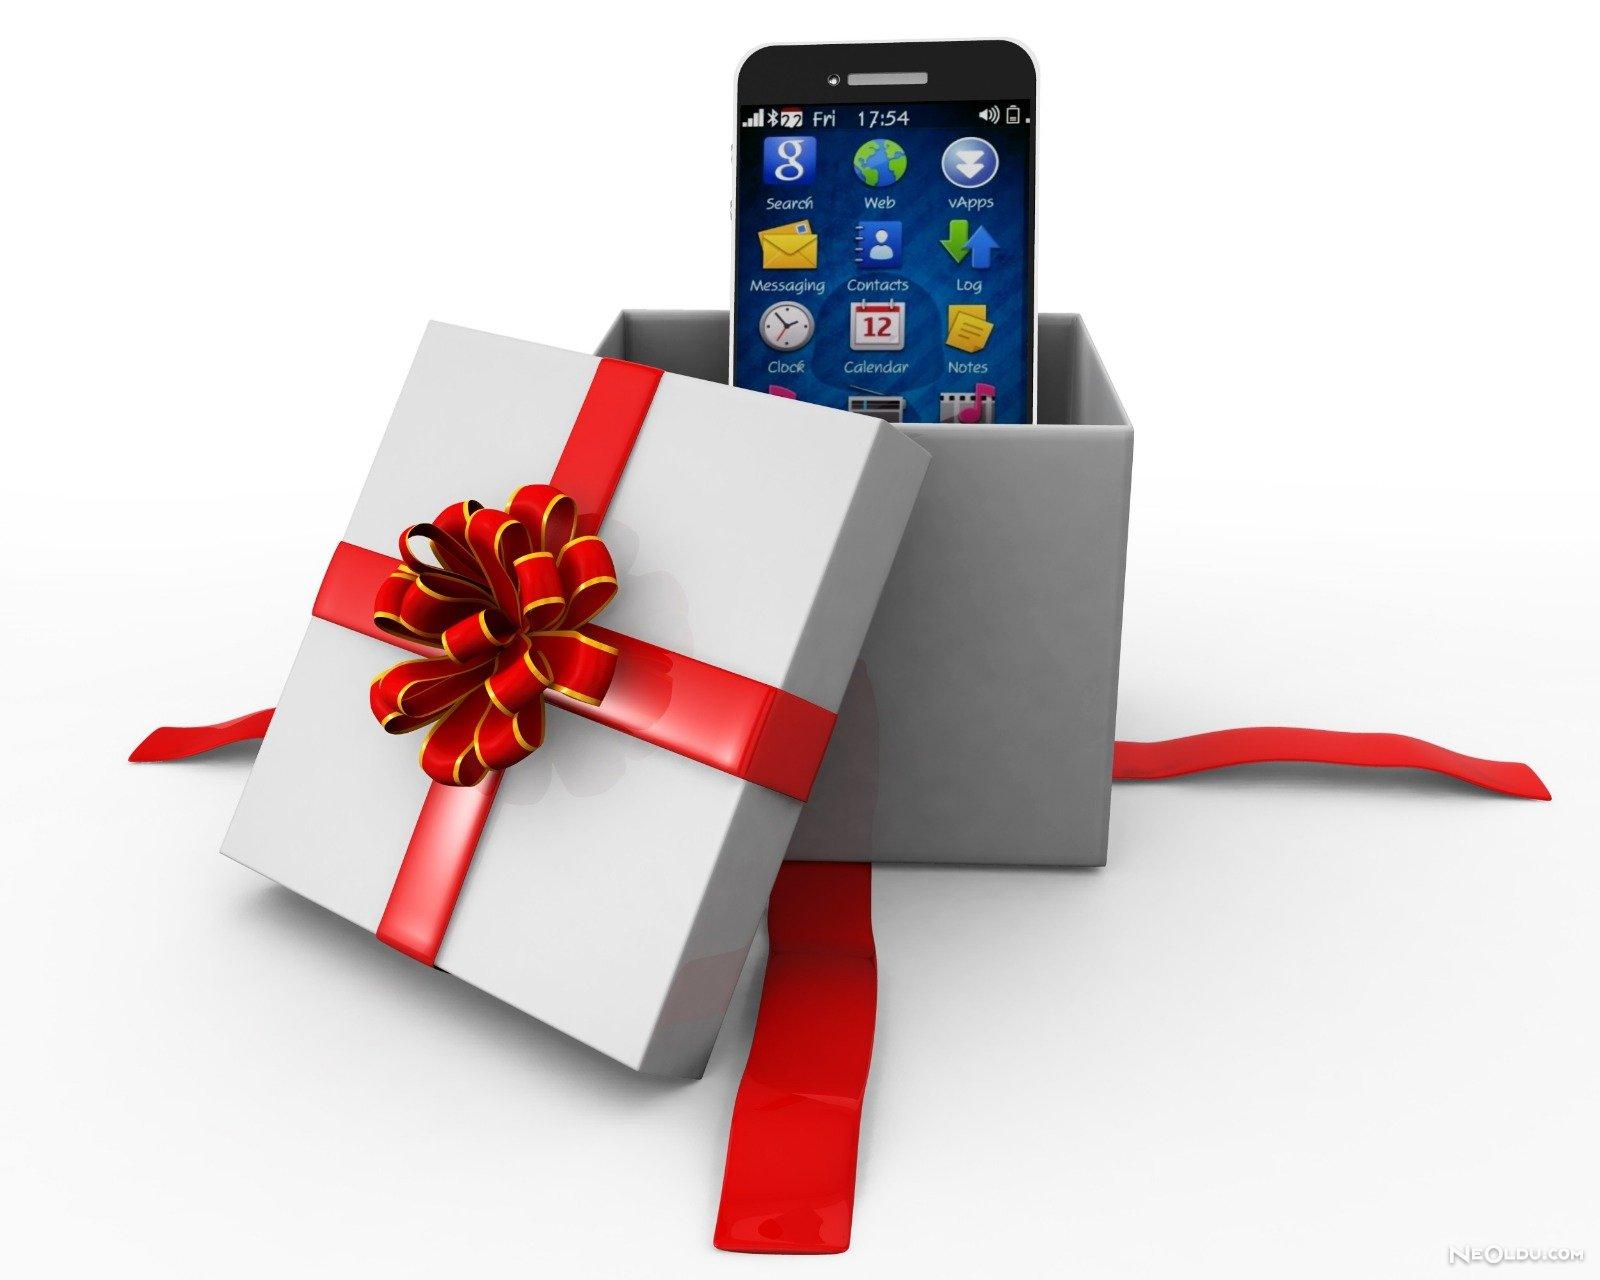 babalar günü hediye tavsiyesi cep telefonu